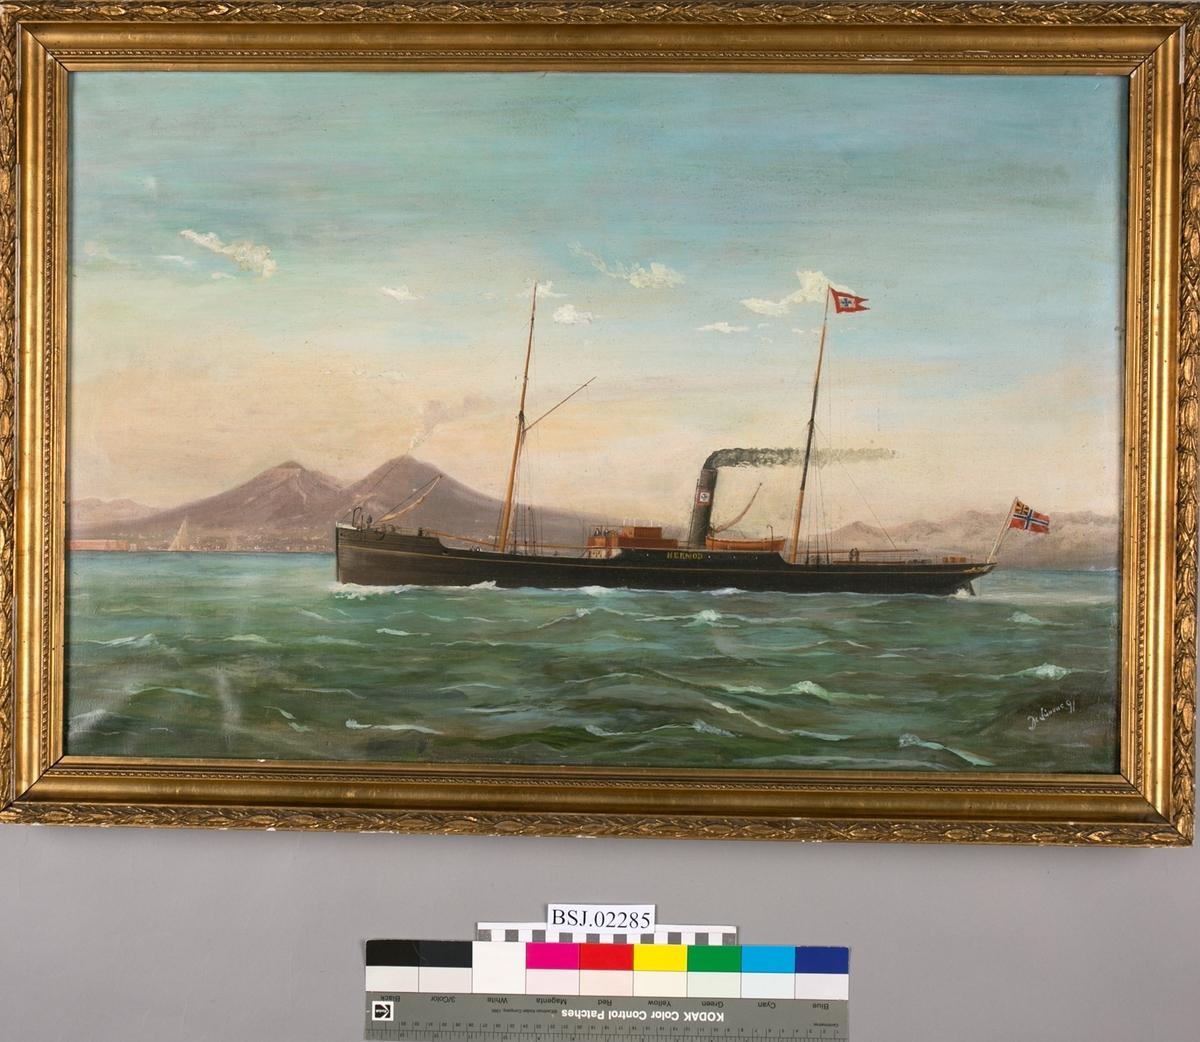 Skipsportrett av dampskipet HERMOD under fart uten seilføring. Trolig utenfor Napoli med vulkanen Vesau i bakgrunnen. Unionsflagg akter.